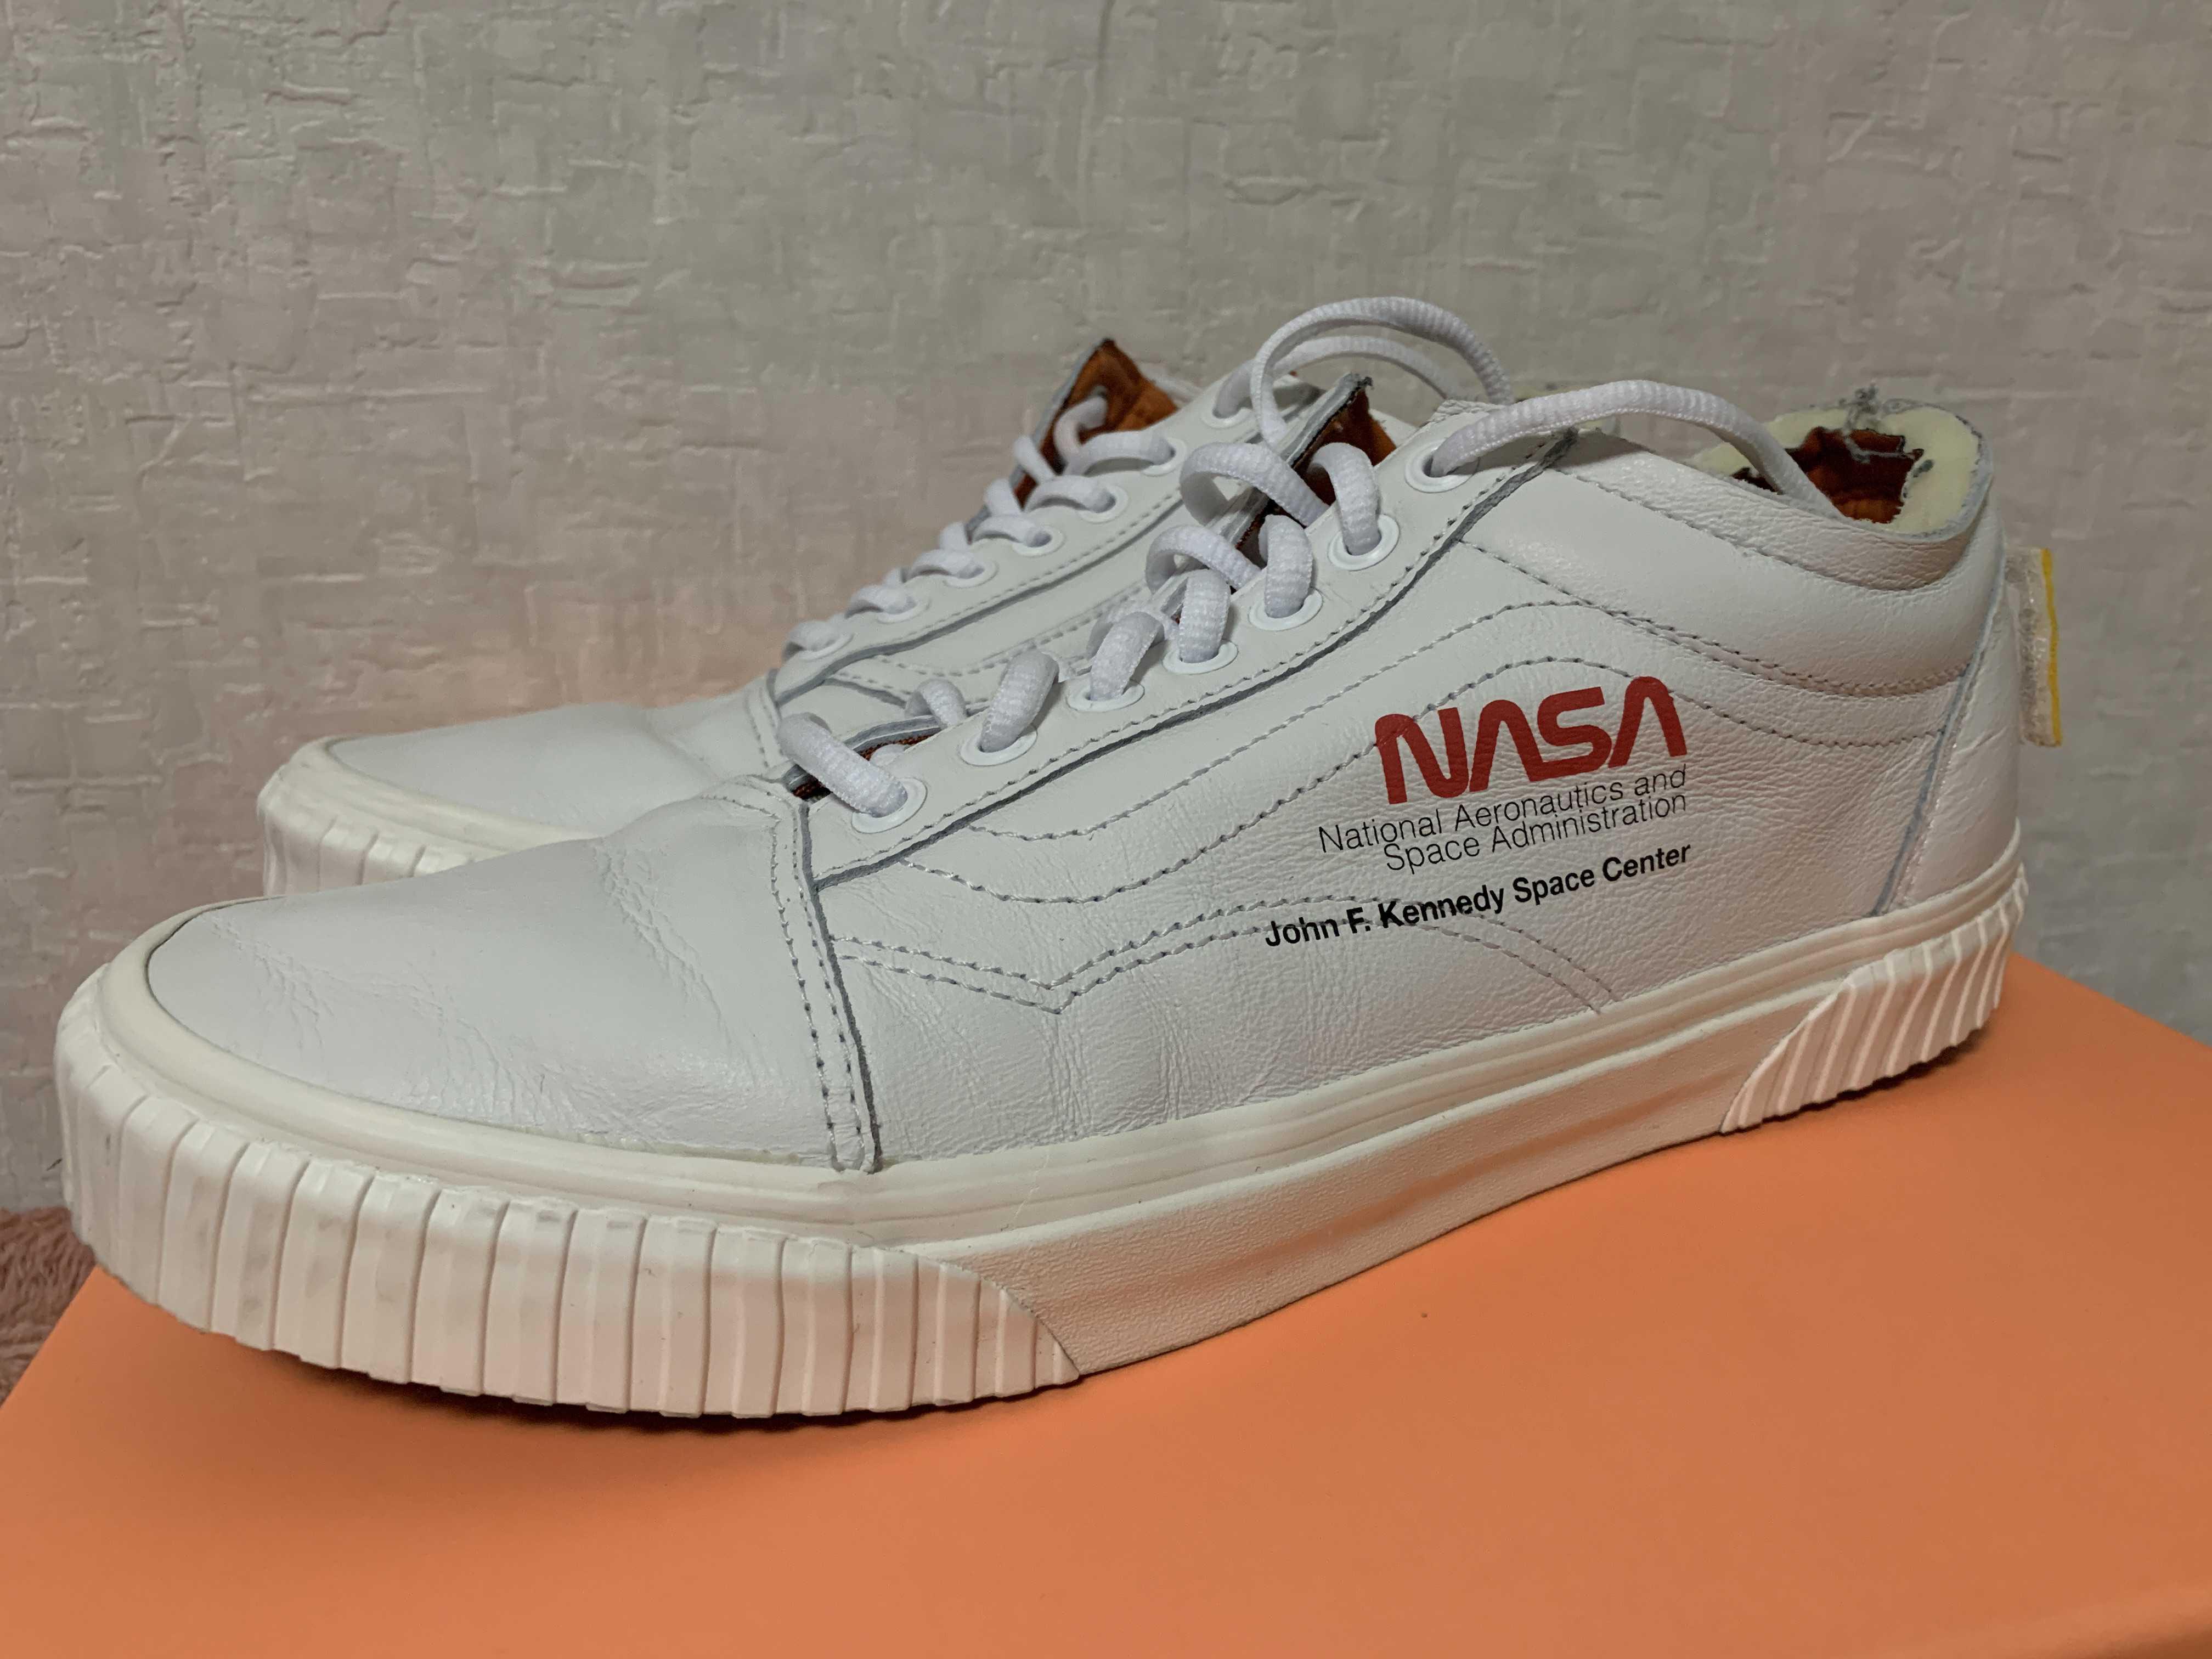 ナサ × バンズ スペース ボヤージ コレクション オールドスクール ホワイト